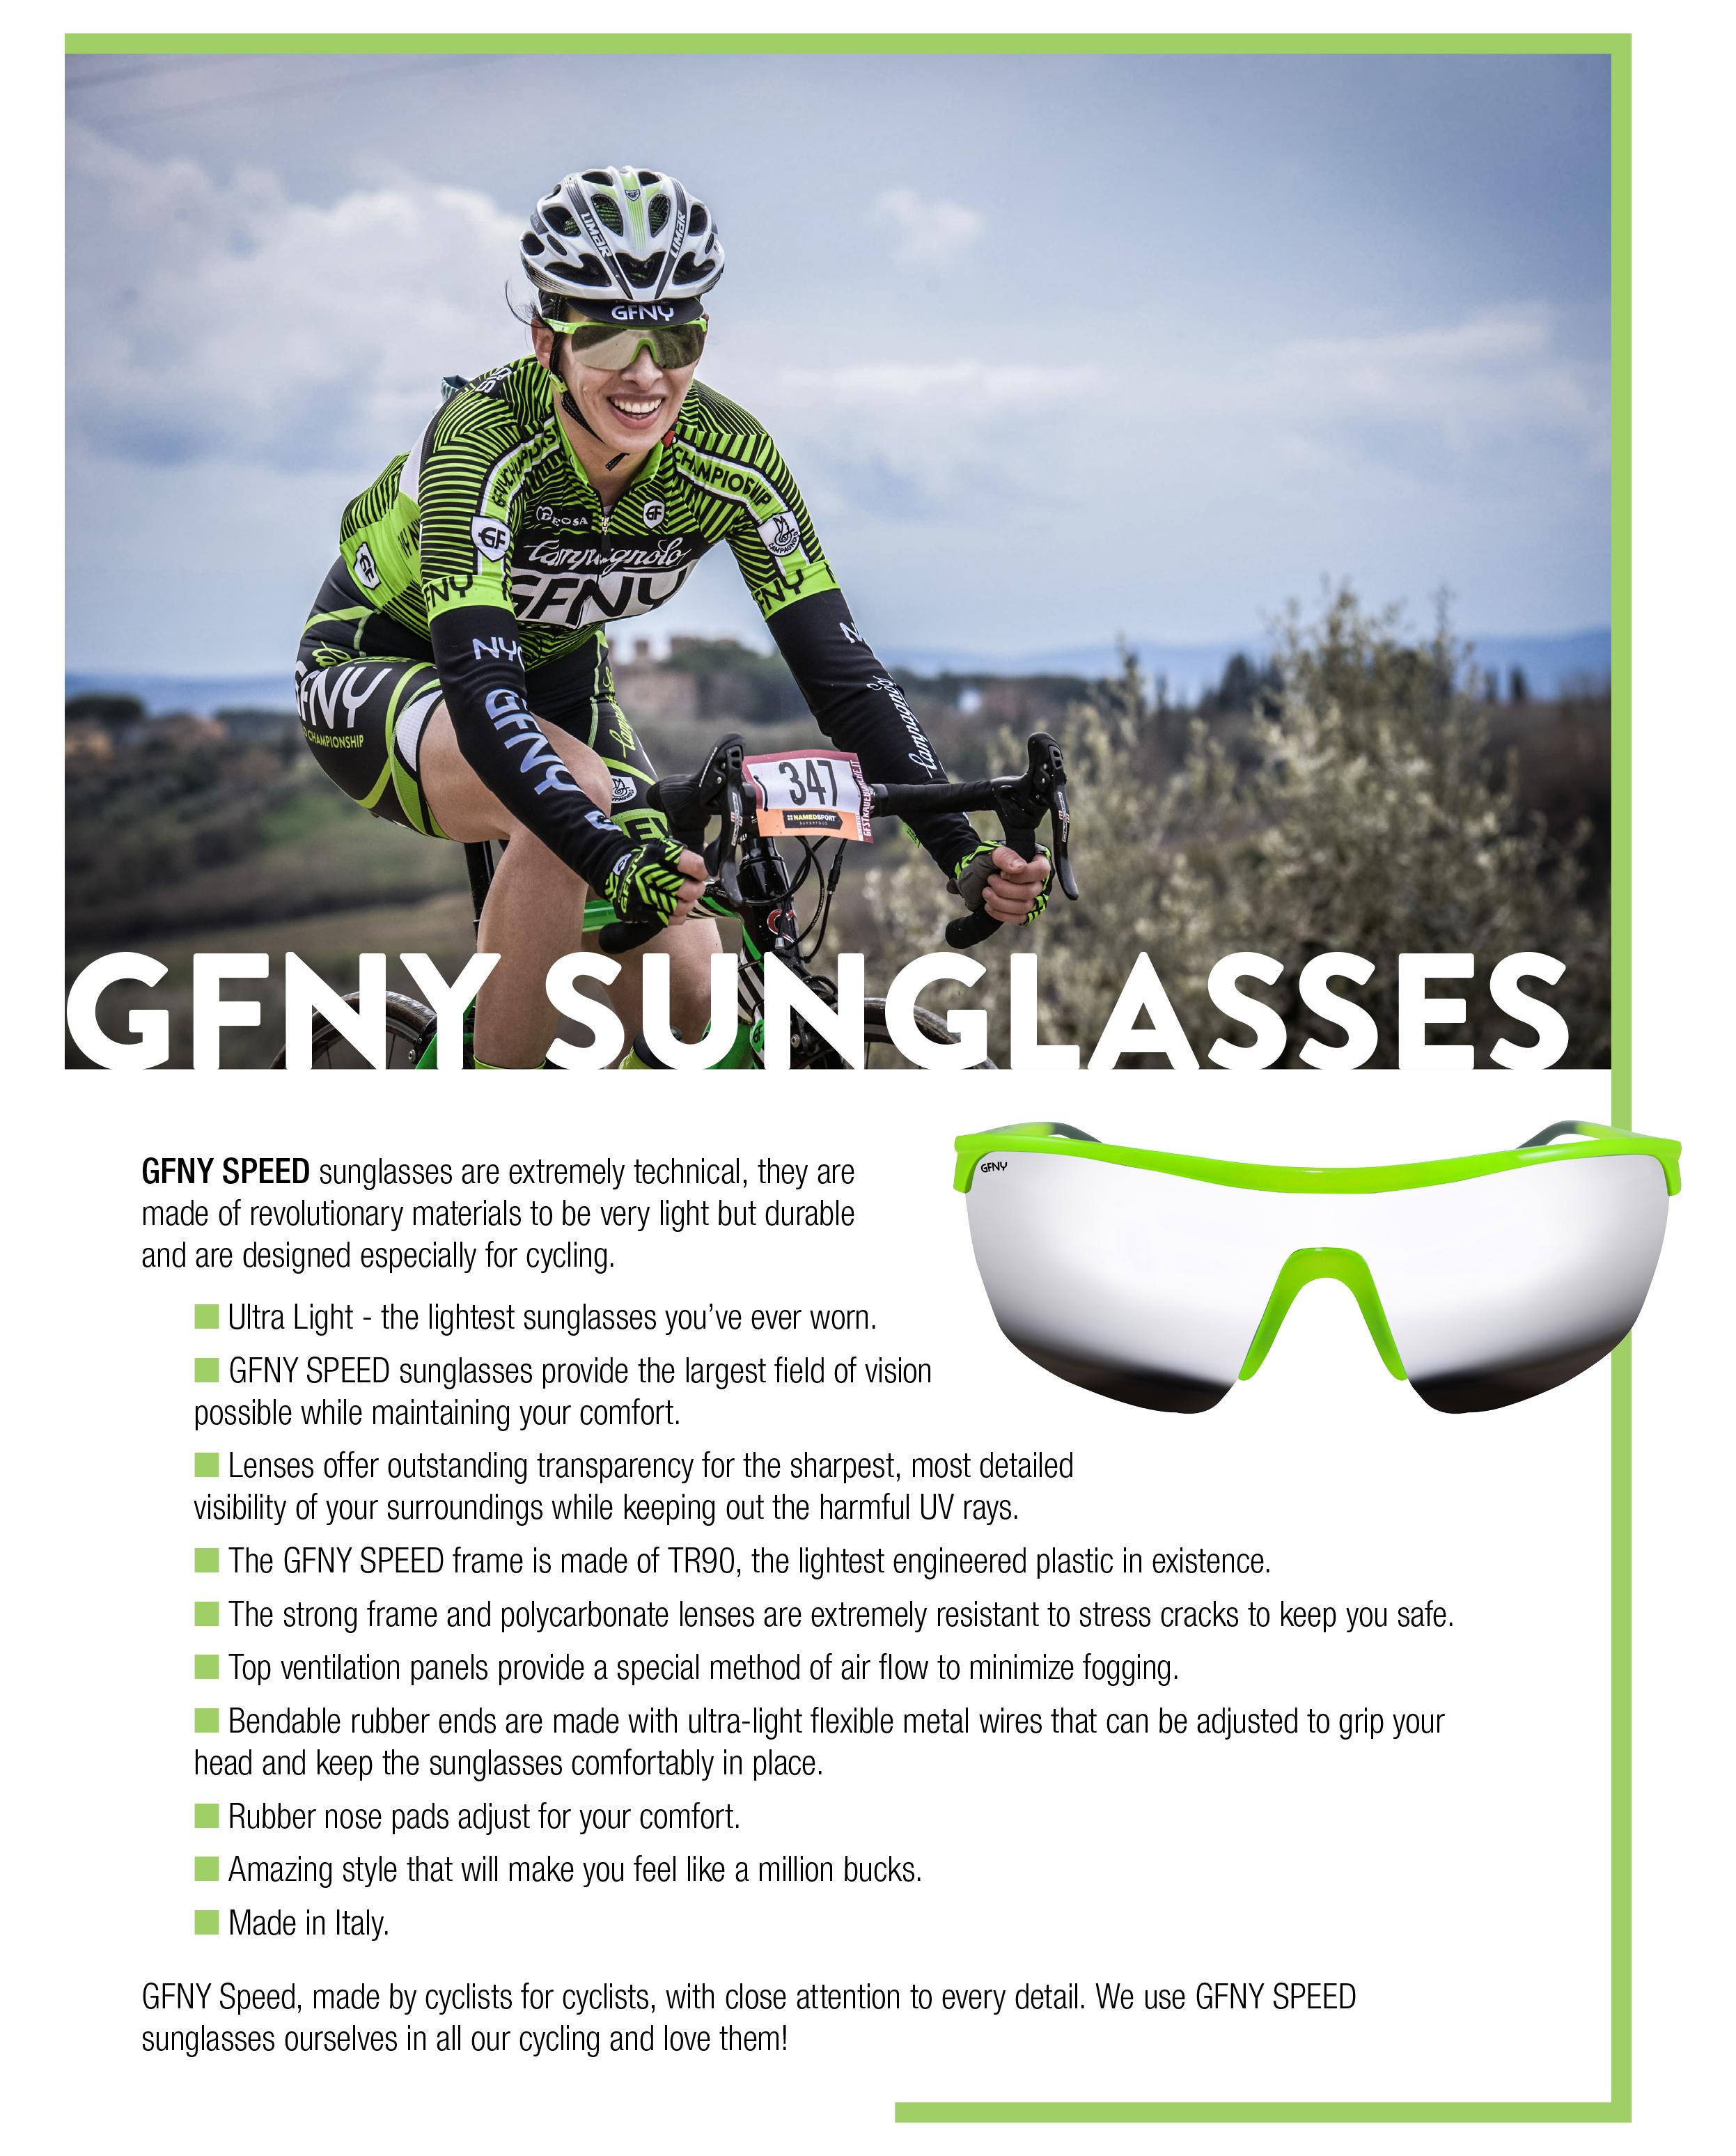 sunglassesinfosheet-4-1.jpg